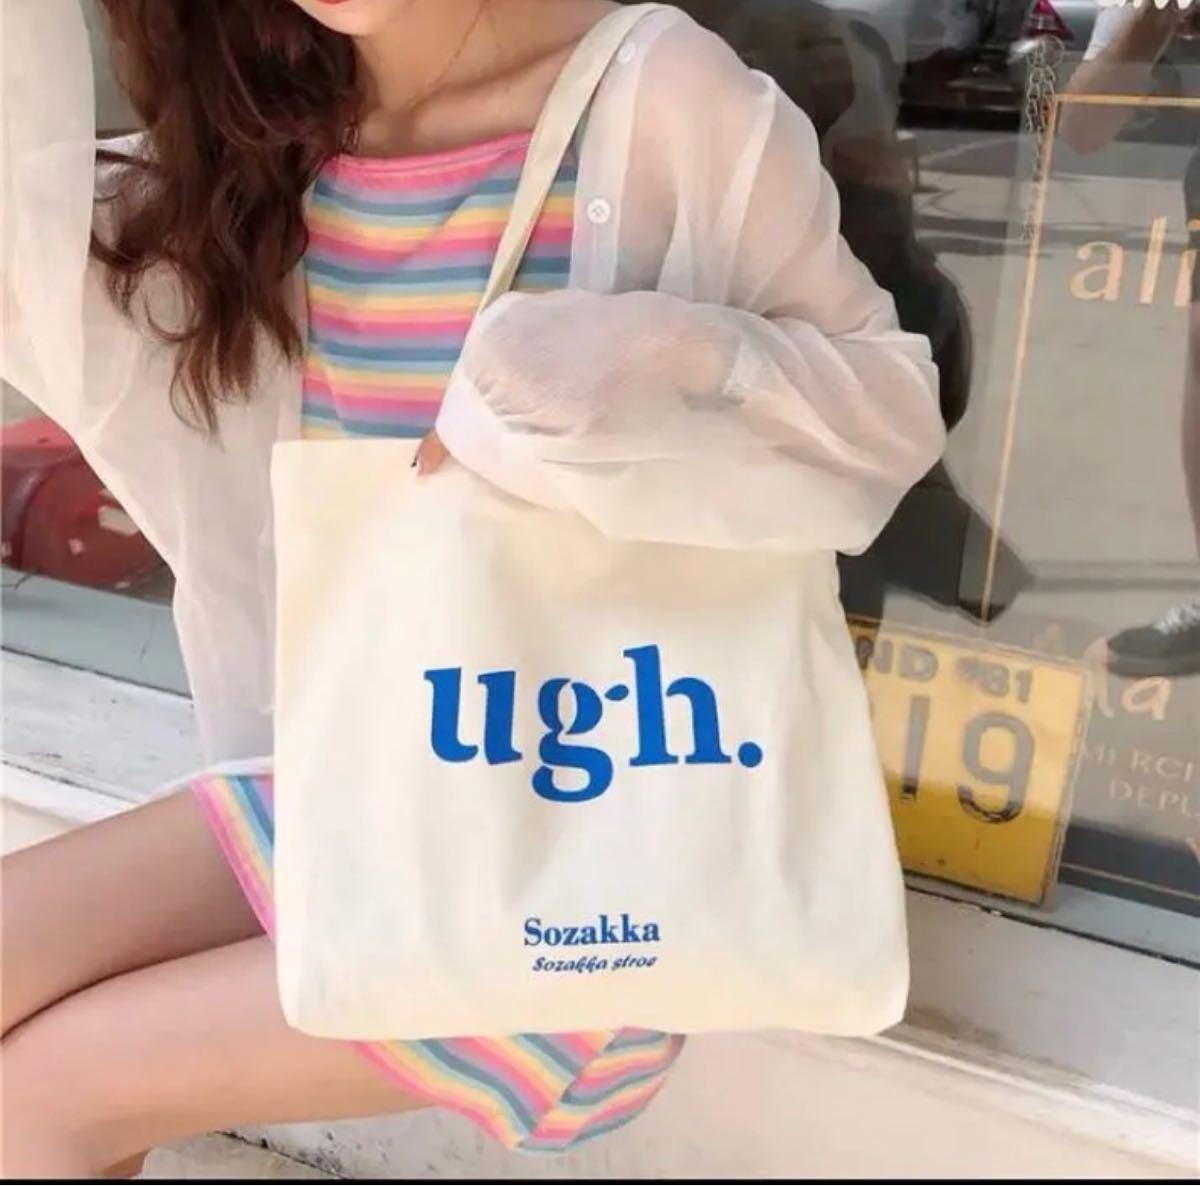 トートバッグ 韓国 キャンバスバッグ A4 エコバッグ 青 夏服 しっかり マチ 教科書 大容量 肩紐 ugh 赤 青 色 参考書